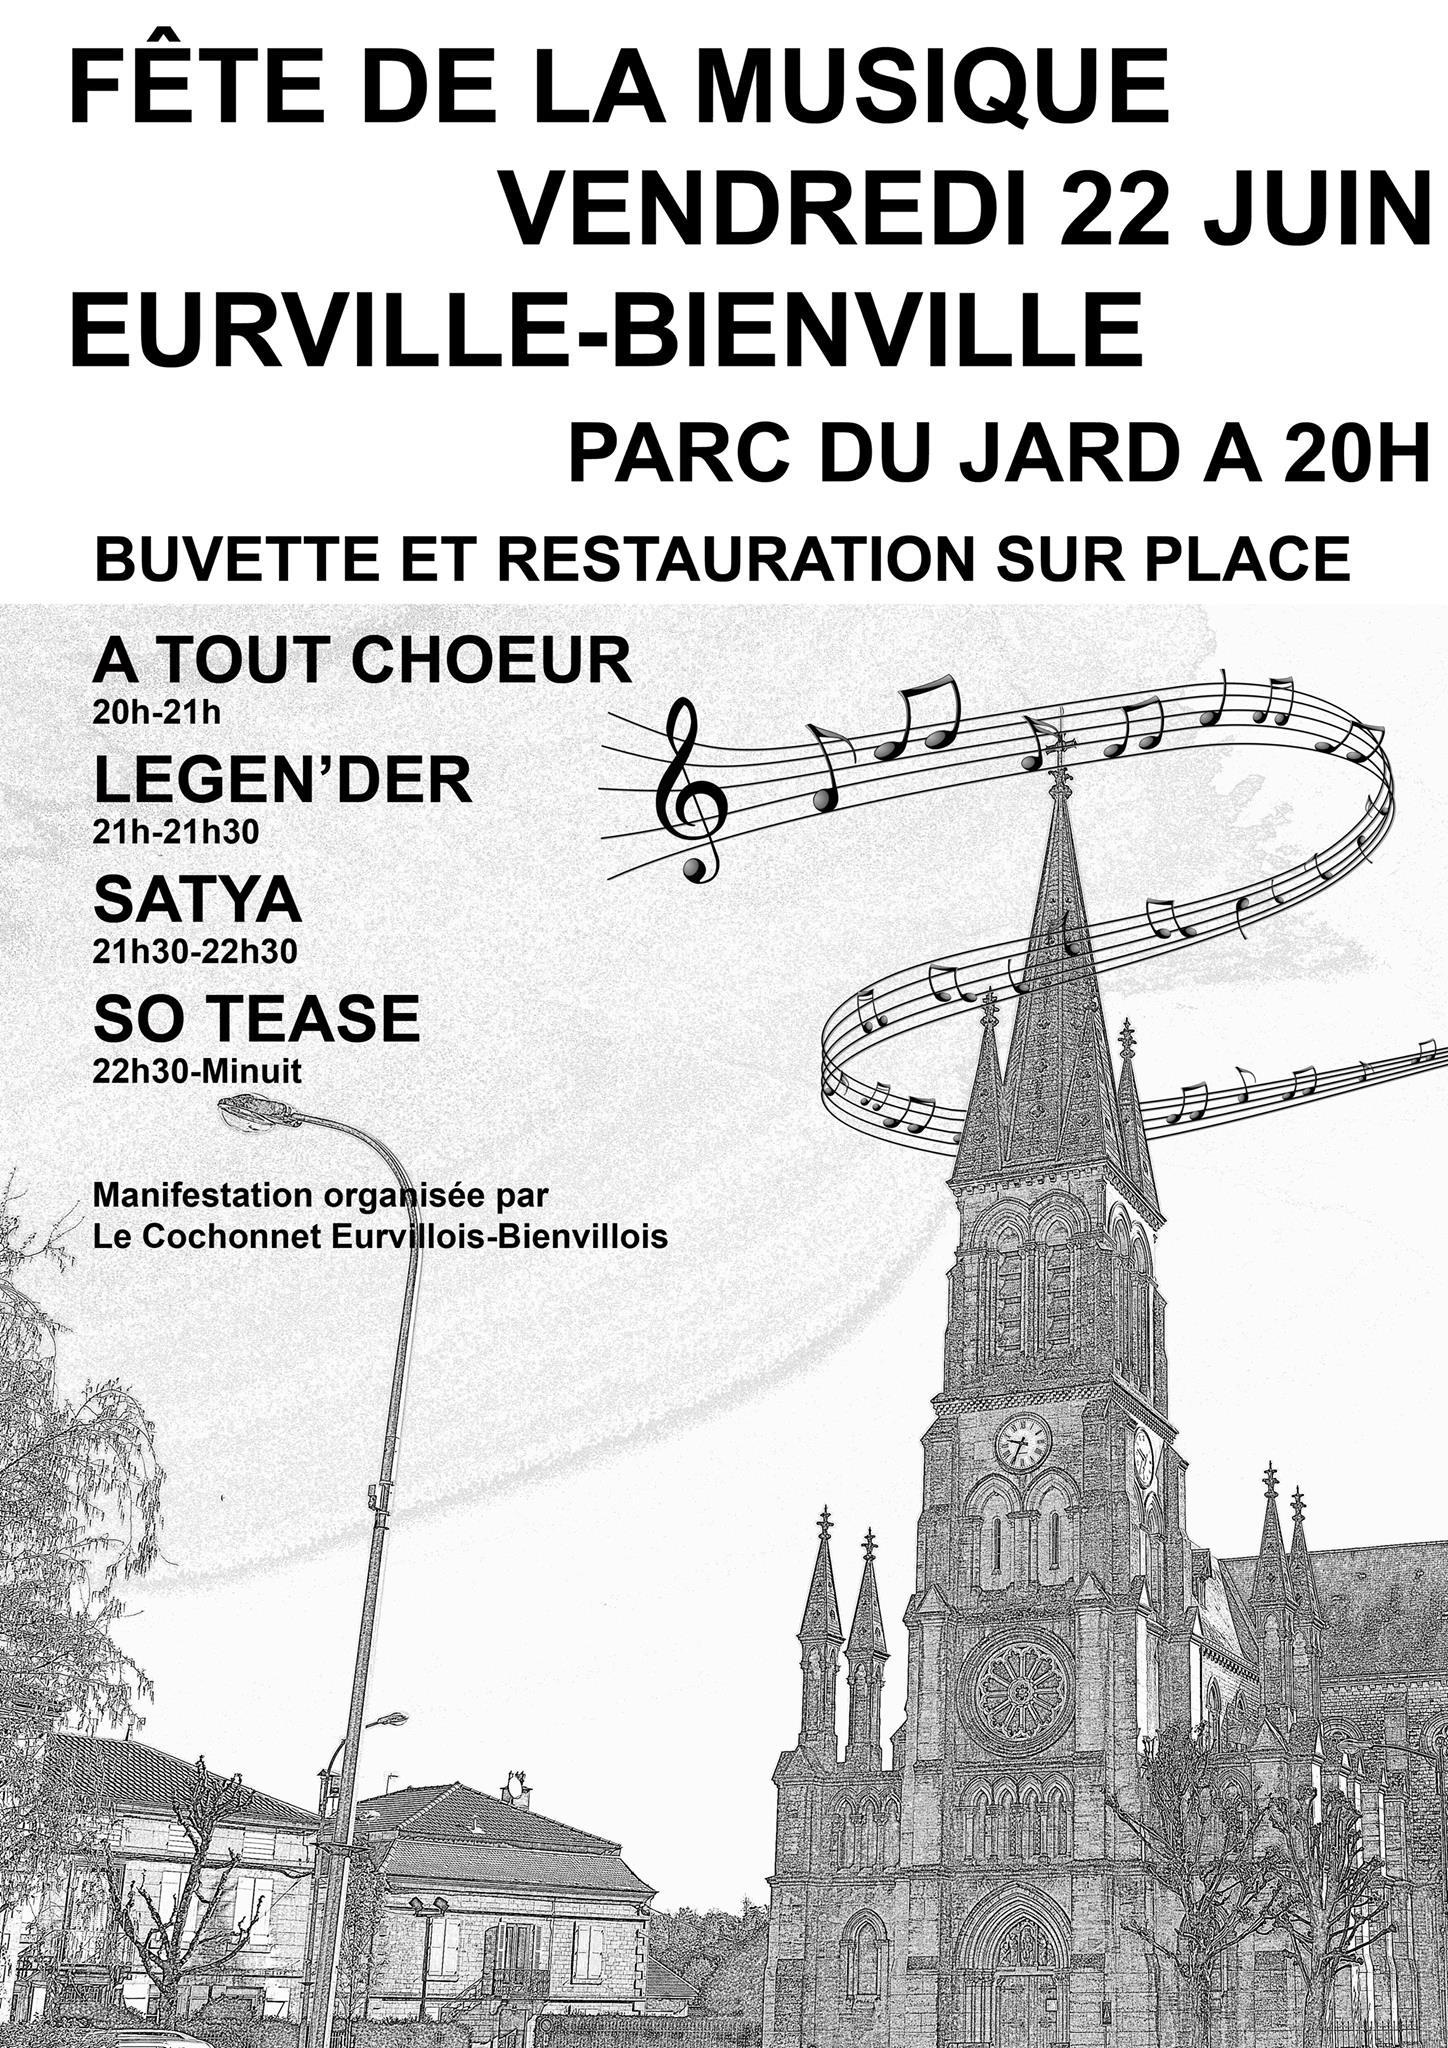 Fête de la musique Eurville-Bienville